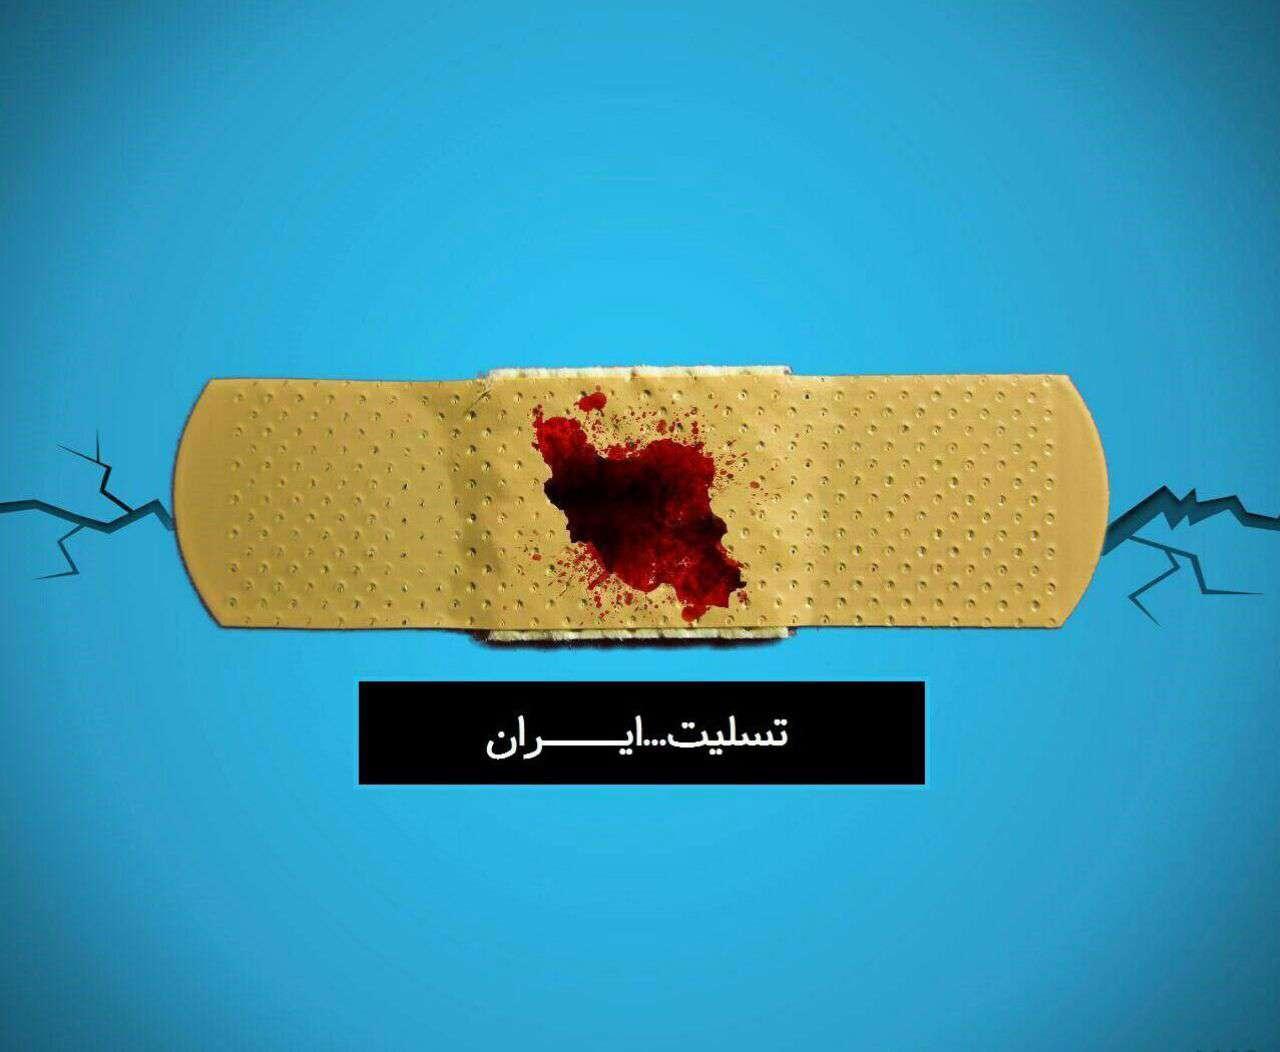 طرح از سجاد اسلامی برای زلزله کرمانشاه